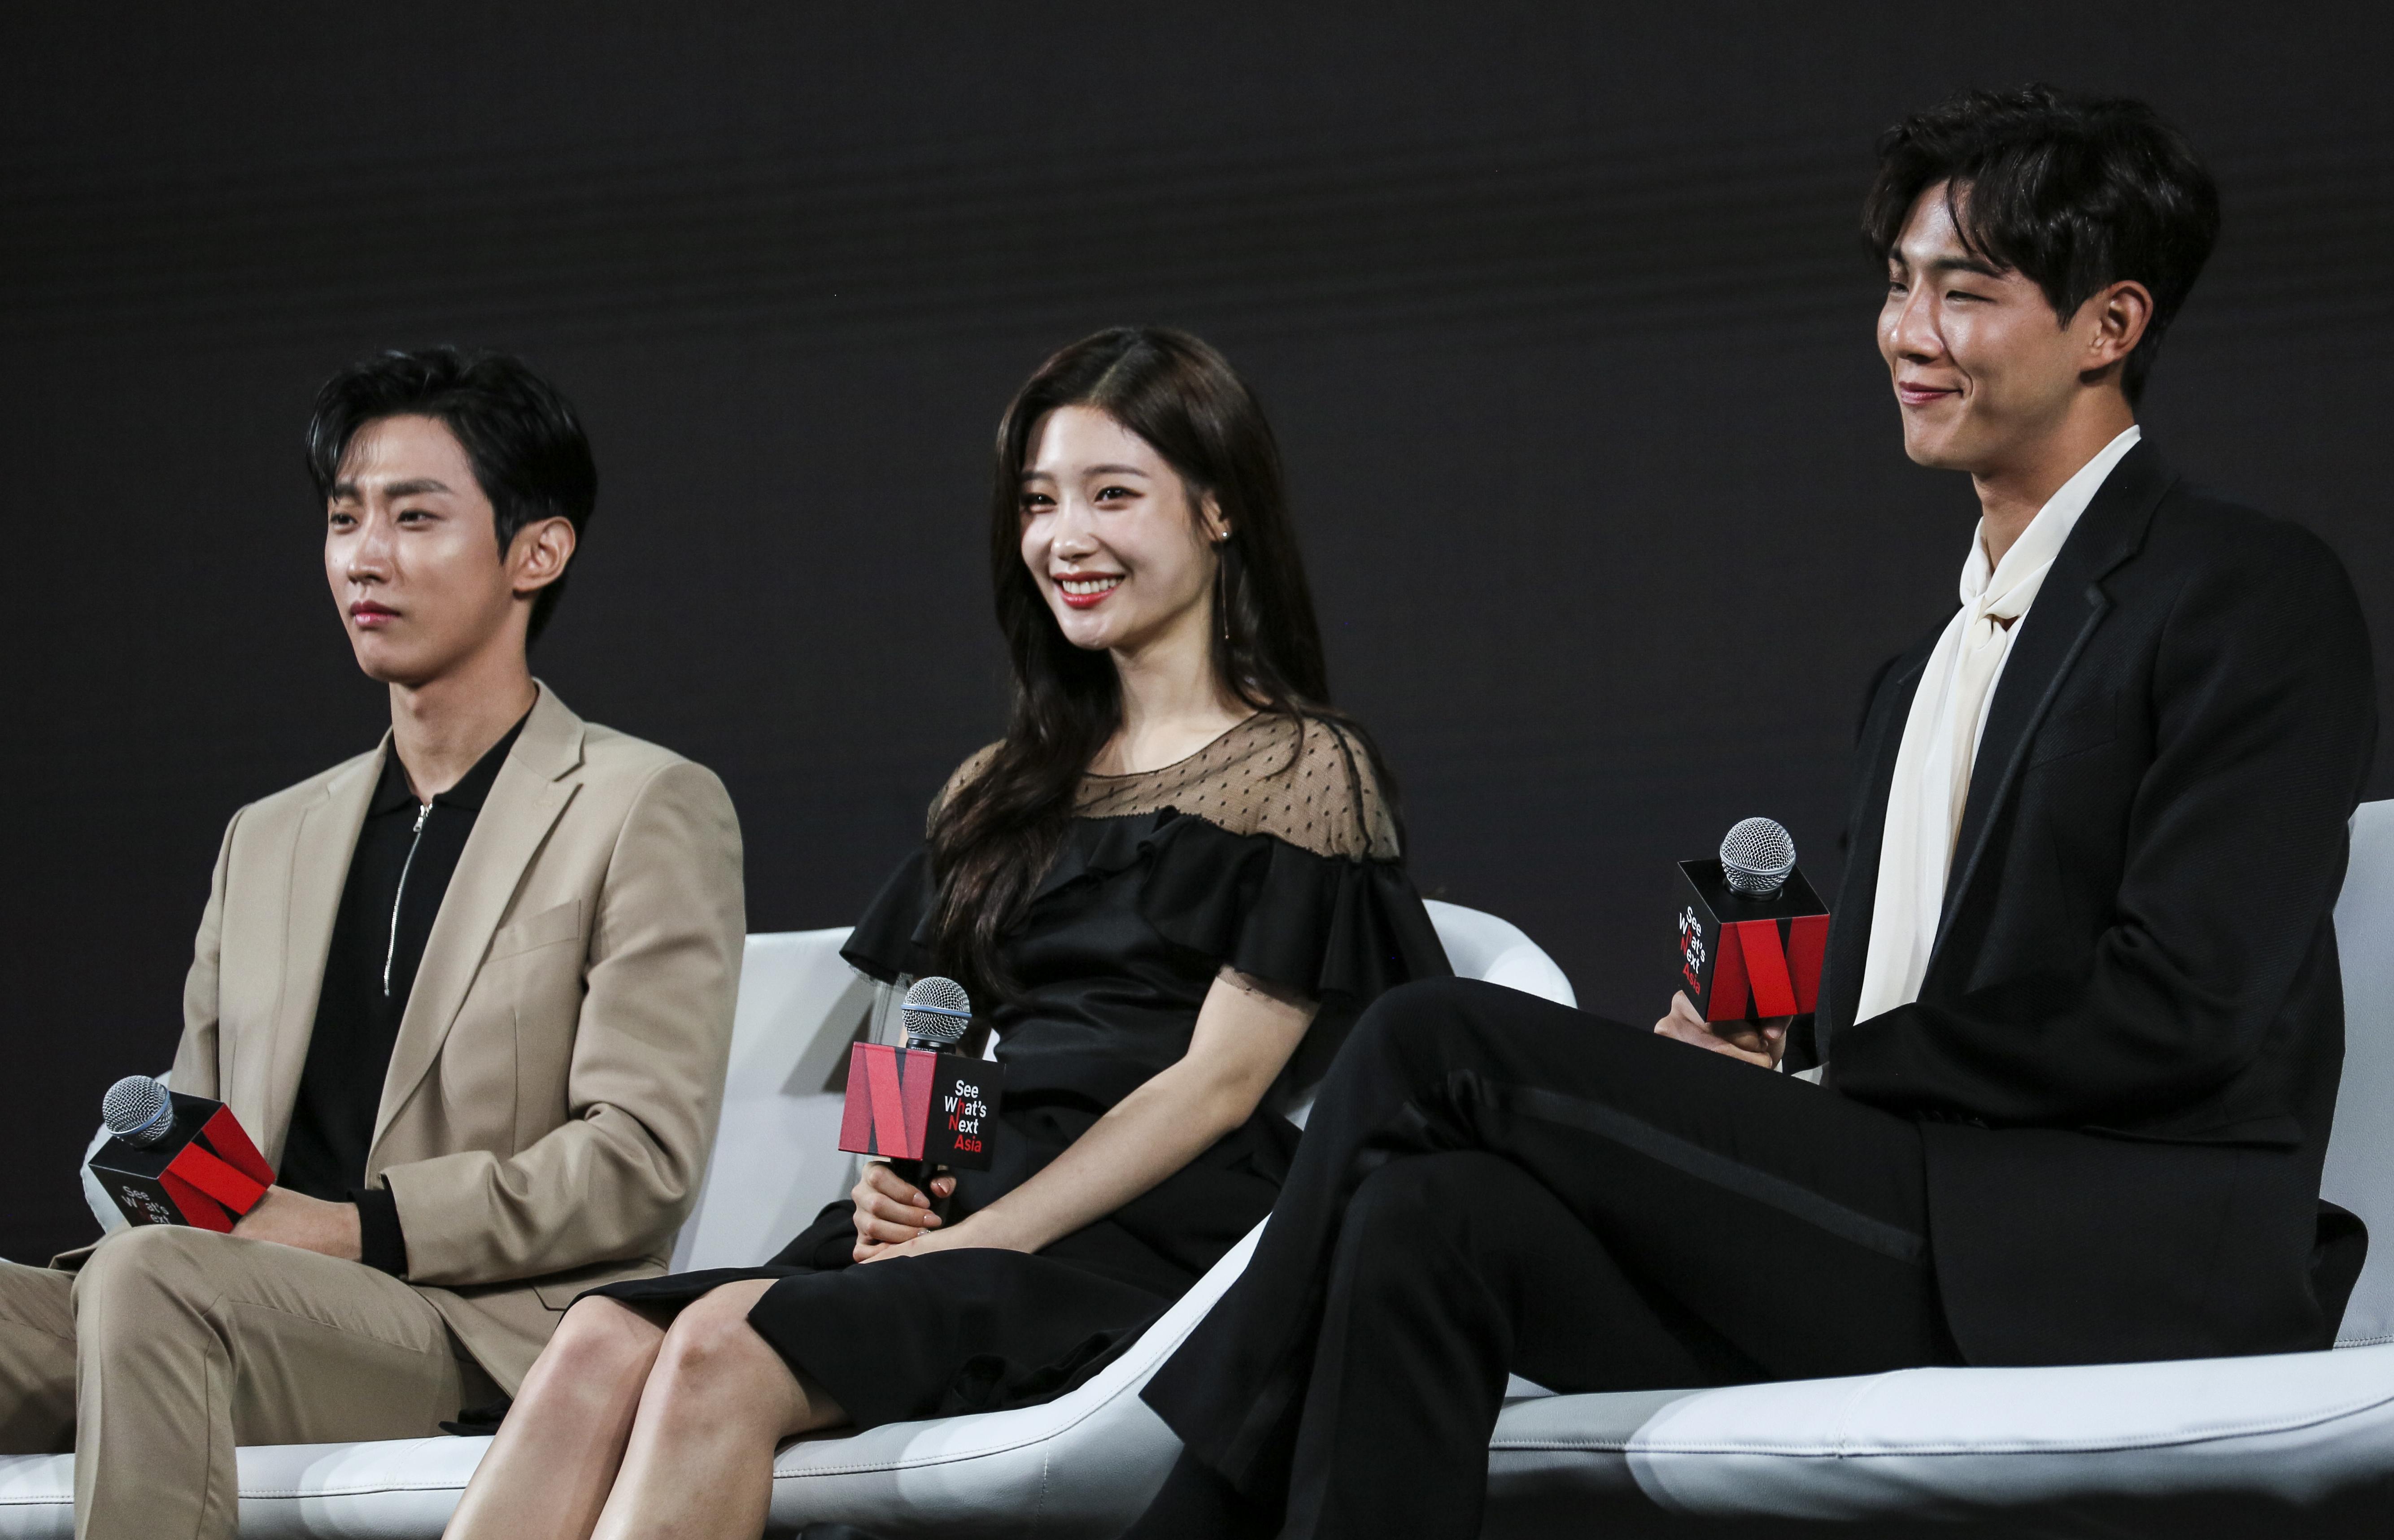 """'첫사랑은 처음이라서' 진영, 지수, 정채연 """"극중 인물이 실제의 우리와 닮았다"""""""